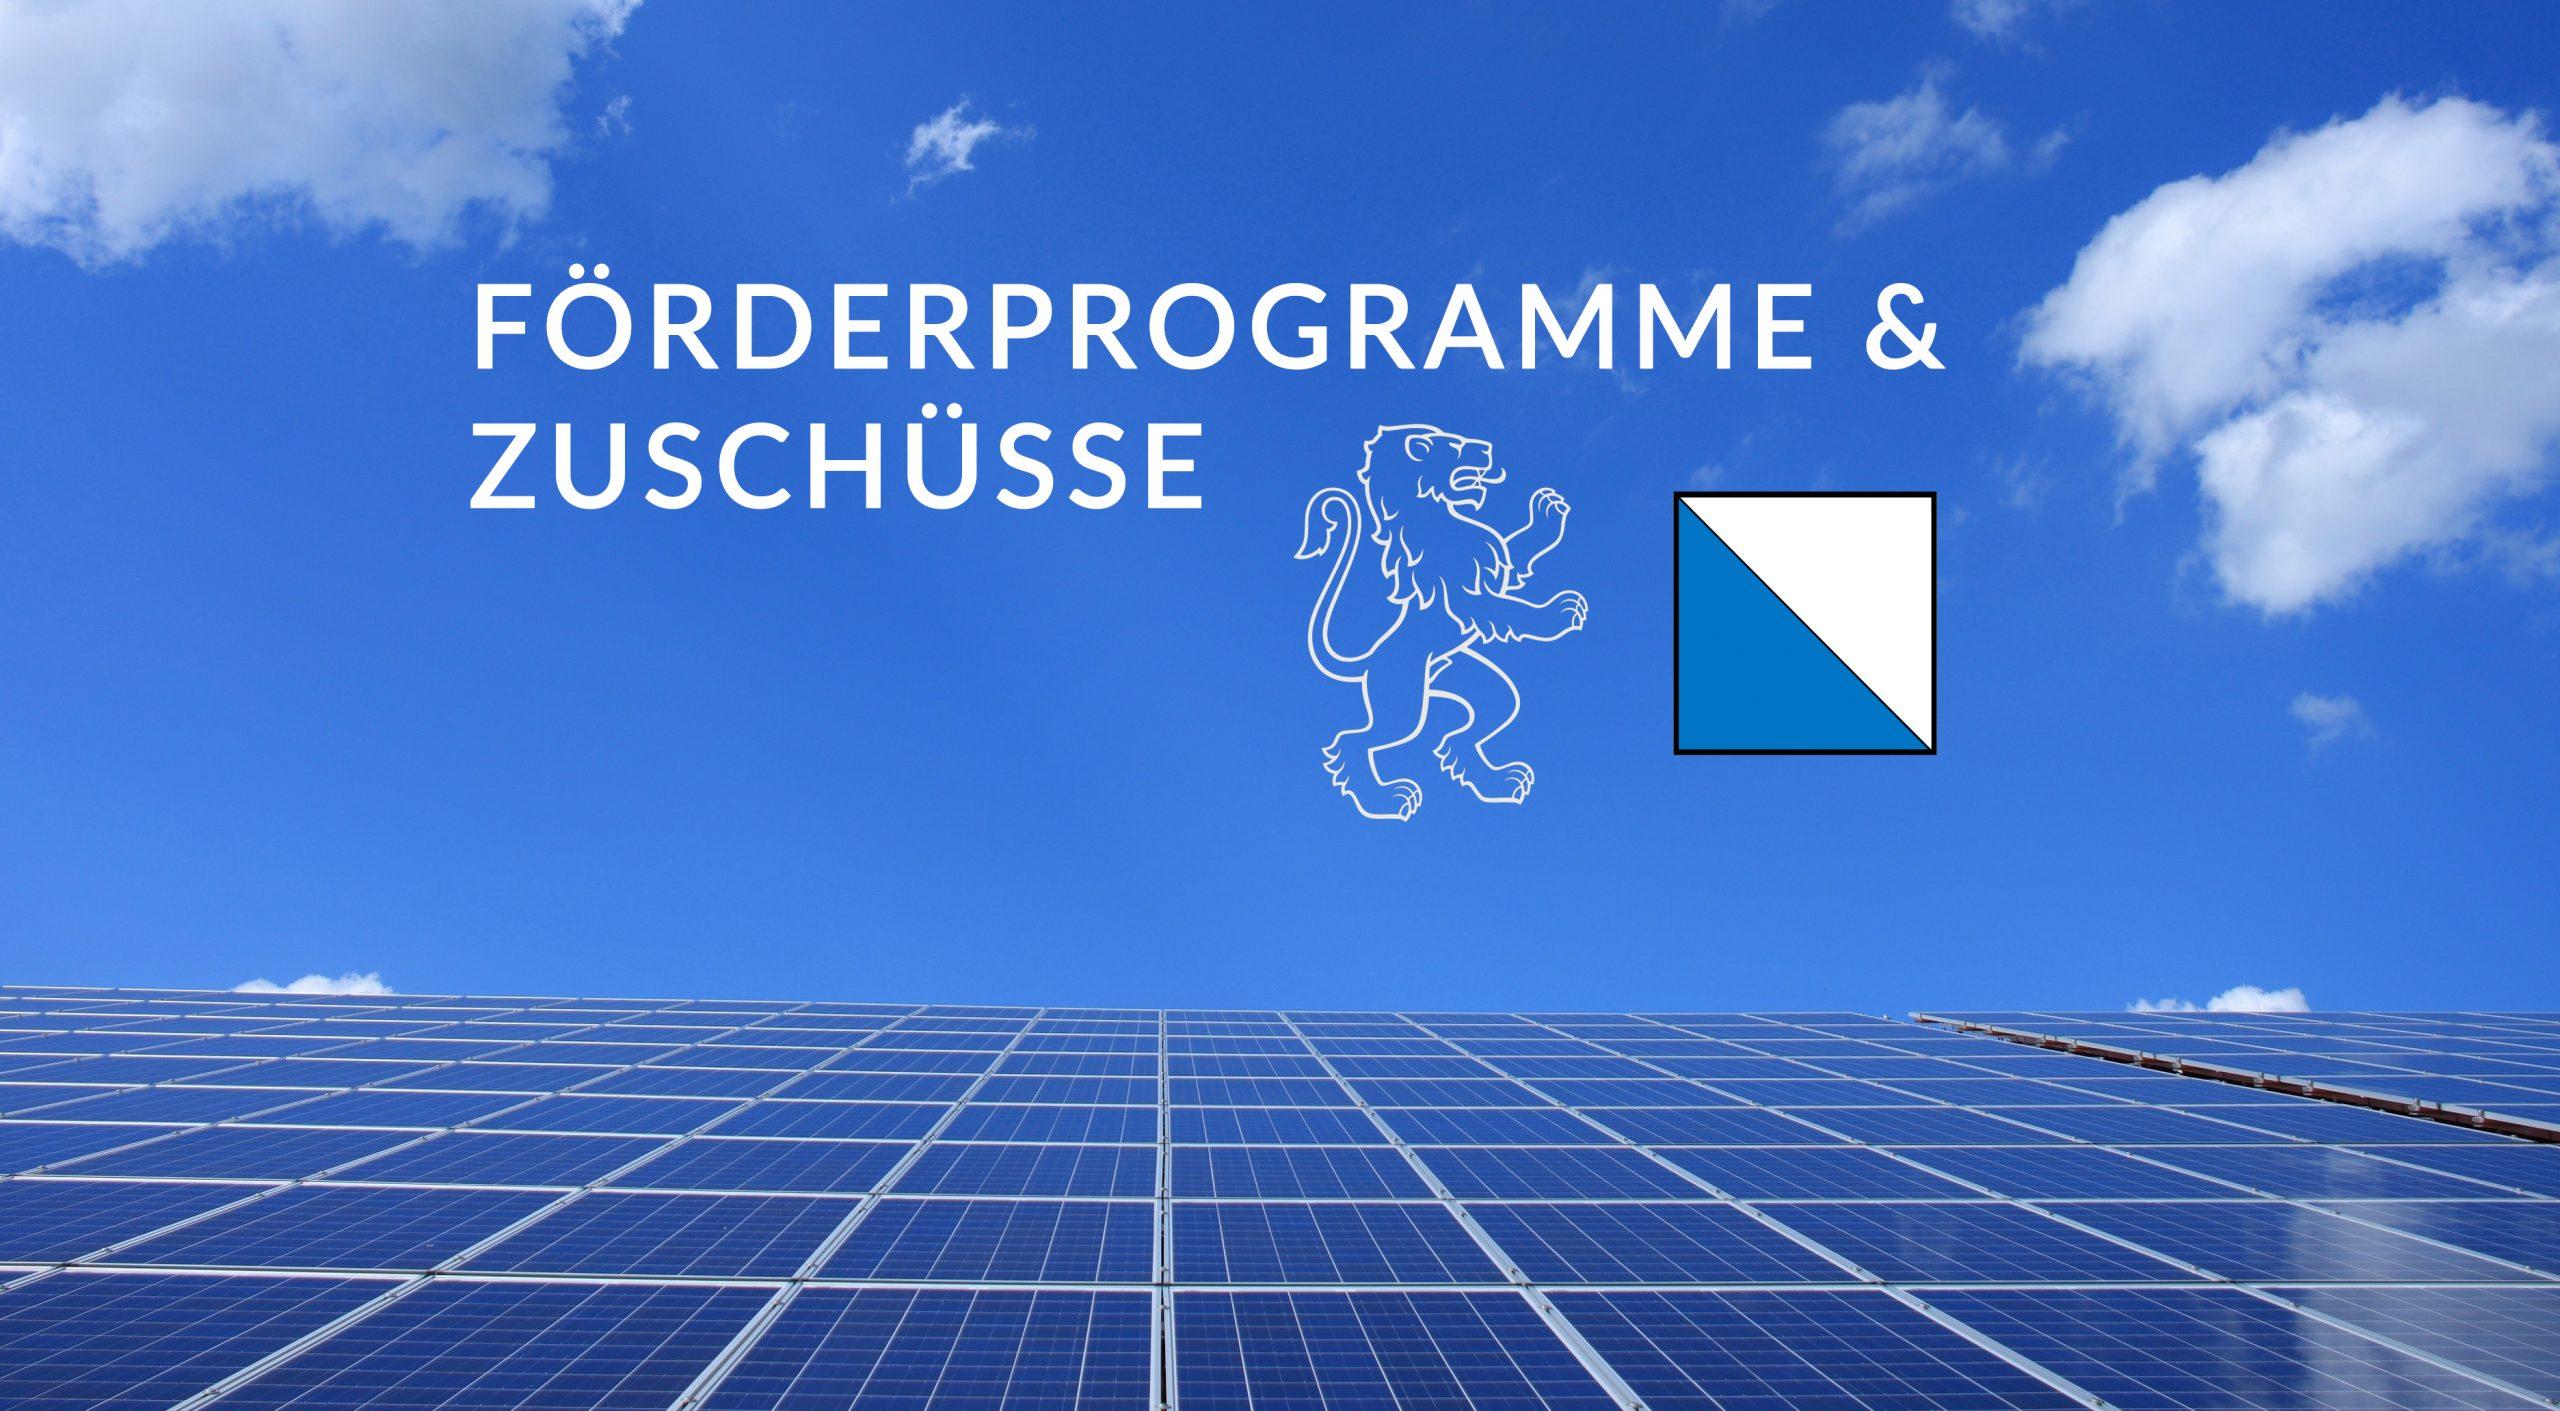 Solarenergie in Zürich – so profitieren Sie von Förderbeiträgen und reduzieren Ihre Kosten